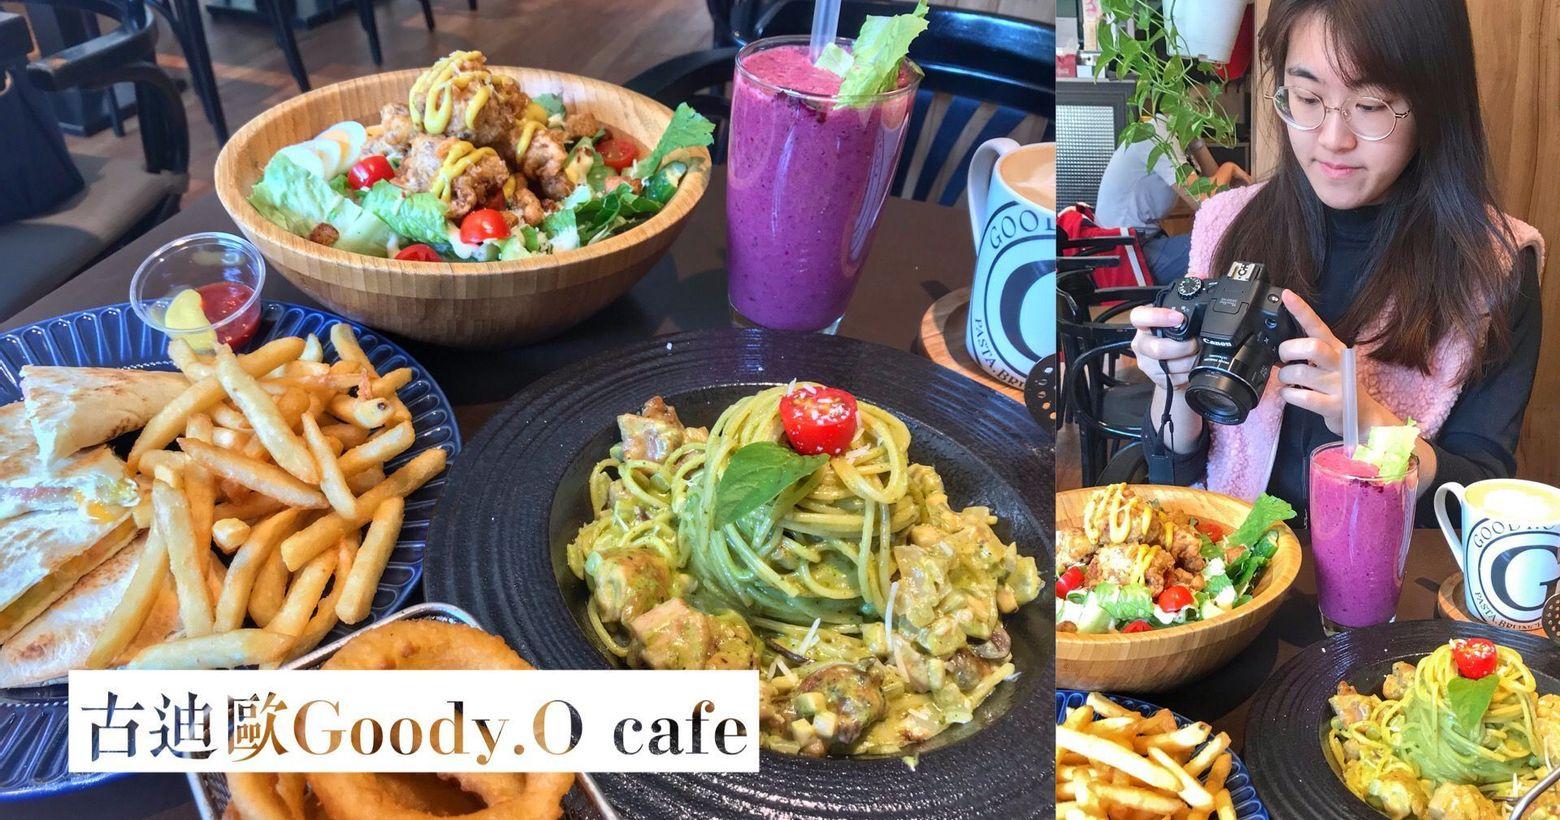 古迪歐 Goody.O cafe|永和不限時咖啡廳推薦、免費插頭及WIFI、餐點份量豐富古迪歐Goo